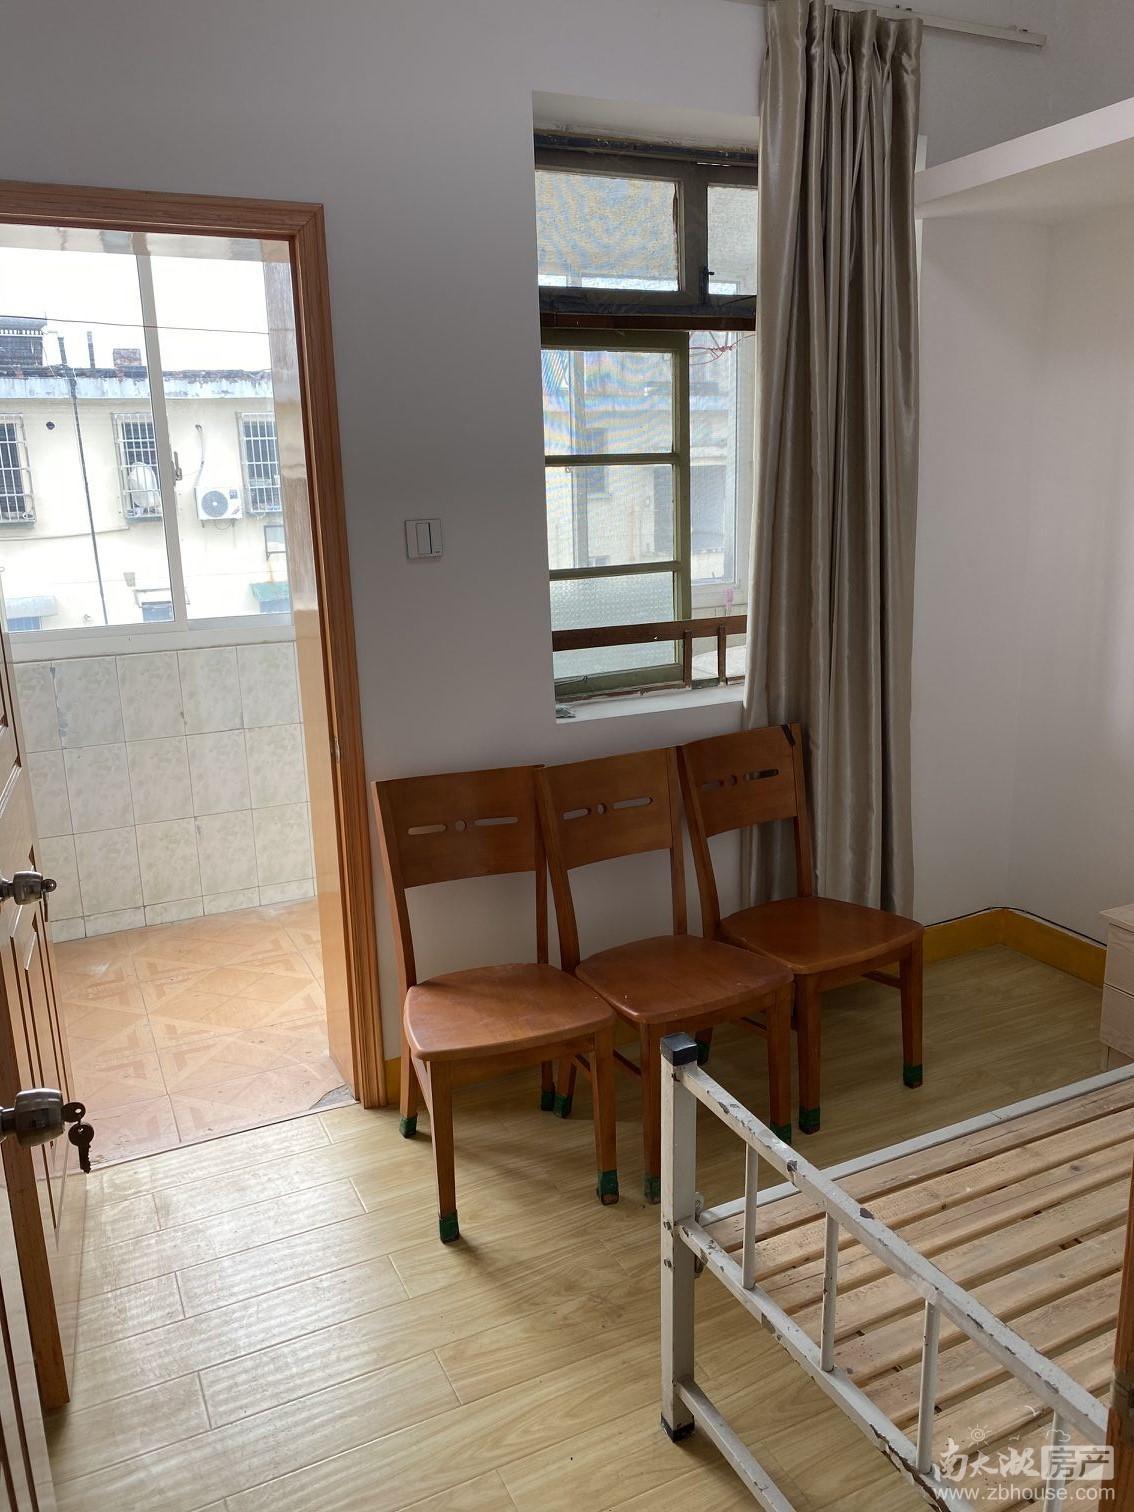 租3598 吉山四村 5楼良装 1.5室1厅 1150元